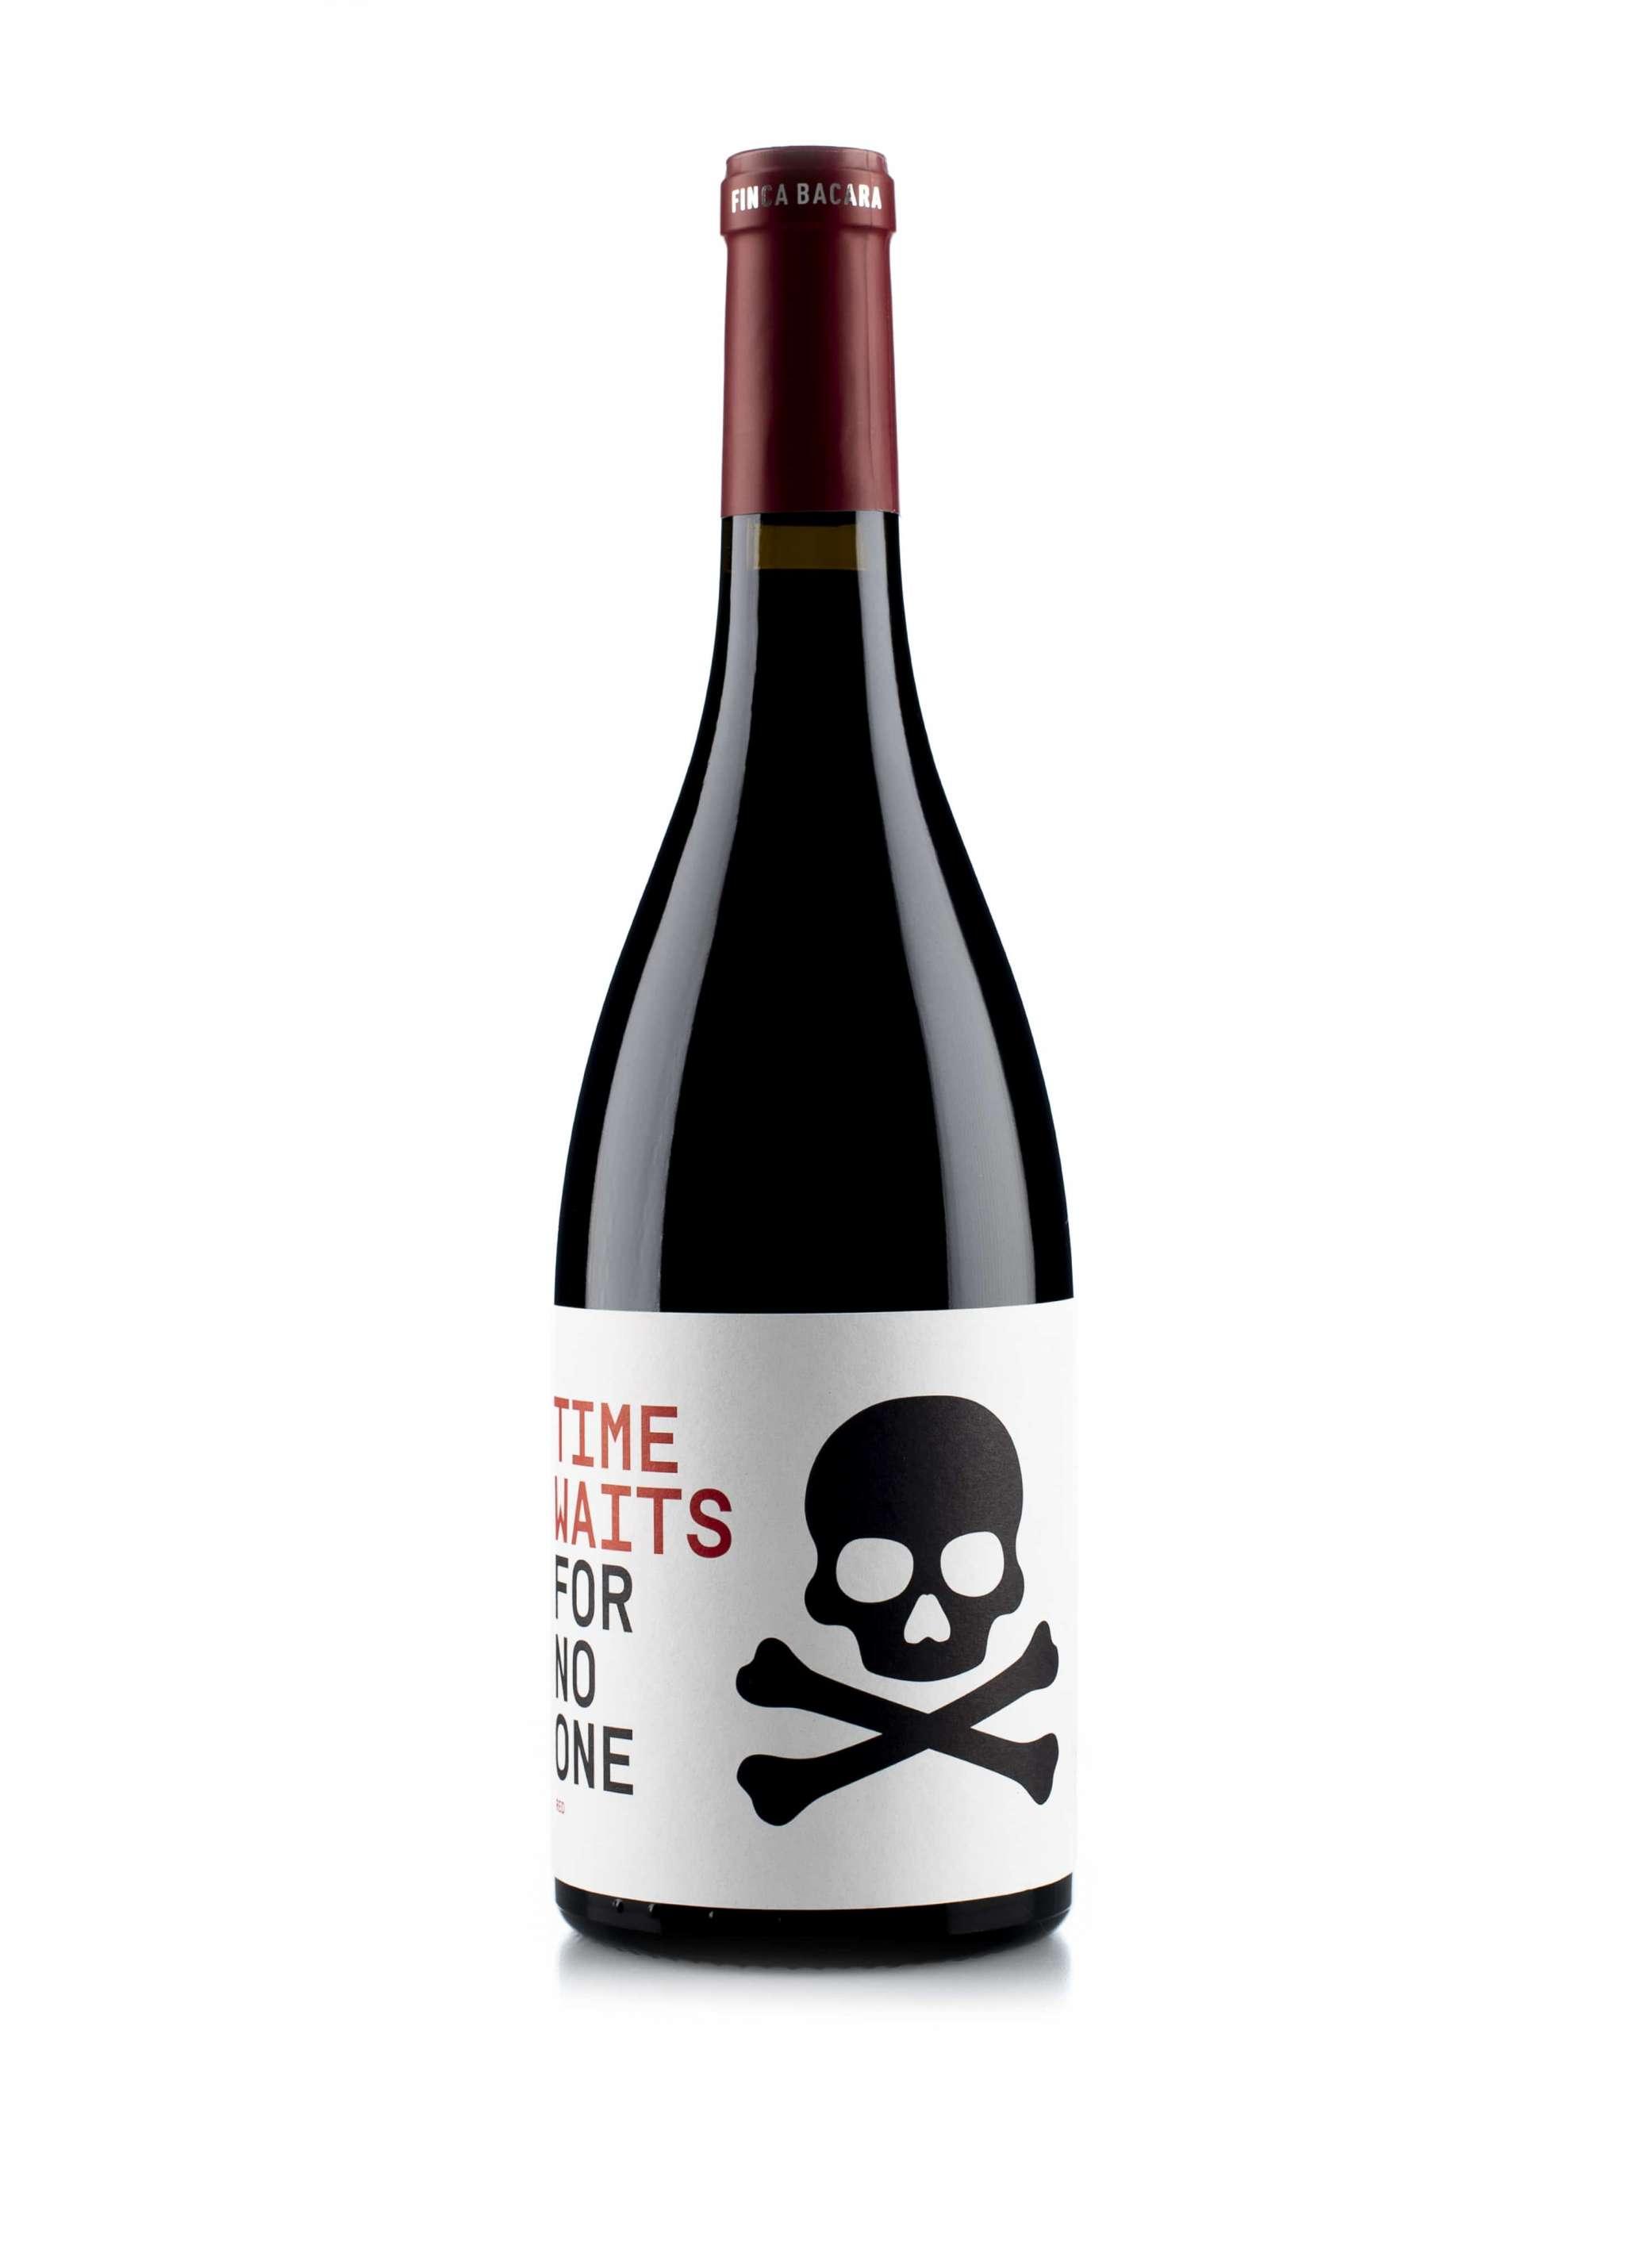 Spaanse rode wijn van wijndomein Finca Bacara: Monastrell 'Time waits for no one'